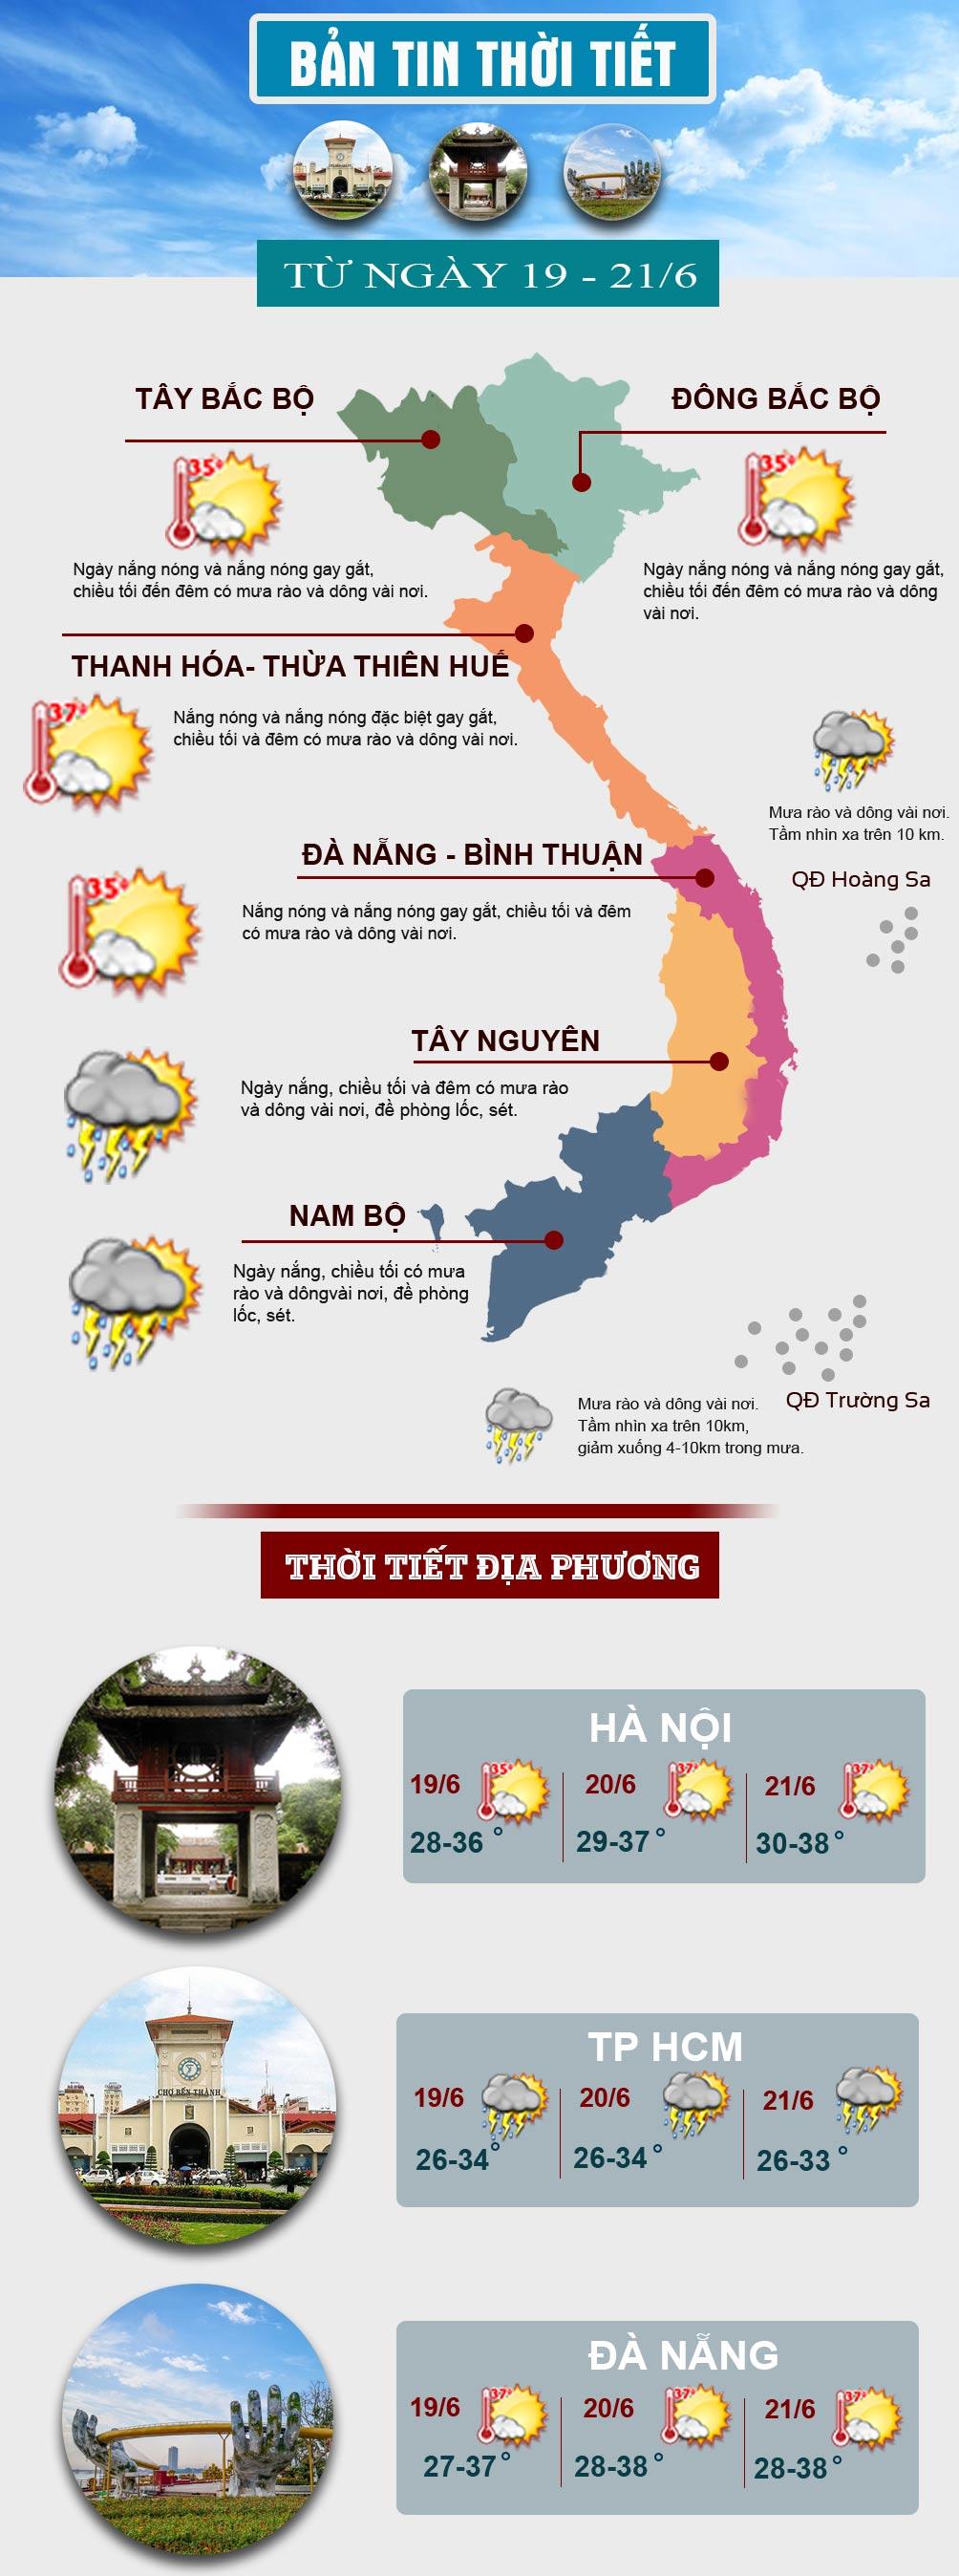 """Nắng nóng gay gắt gia tăng, miền Bắc và miền Trung hóa """"lò bát quái"""" - 1"""